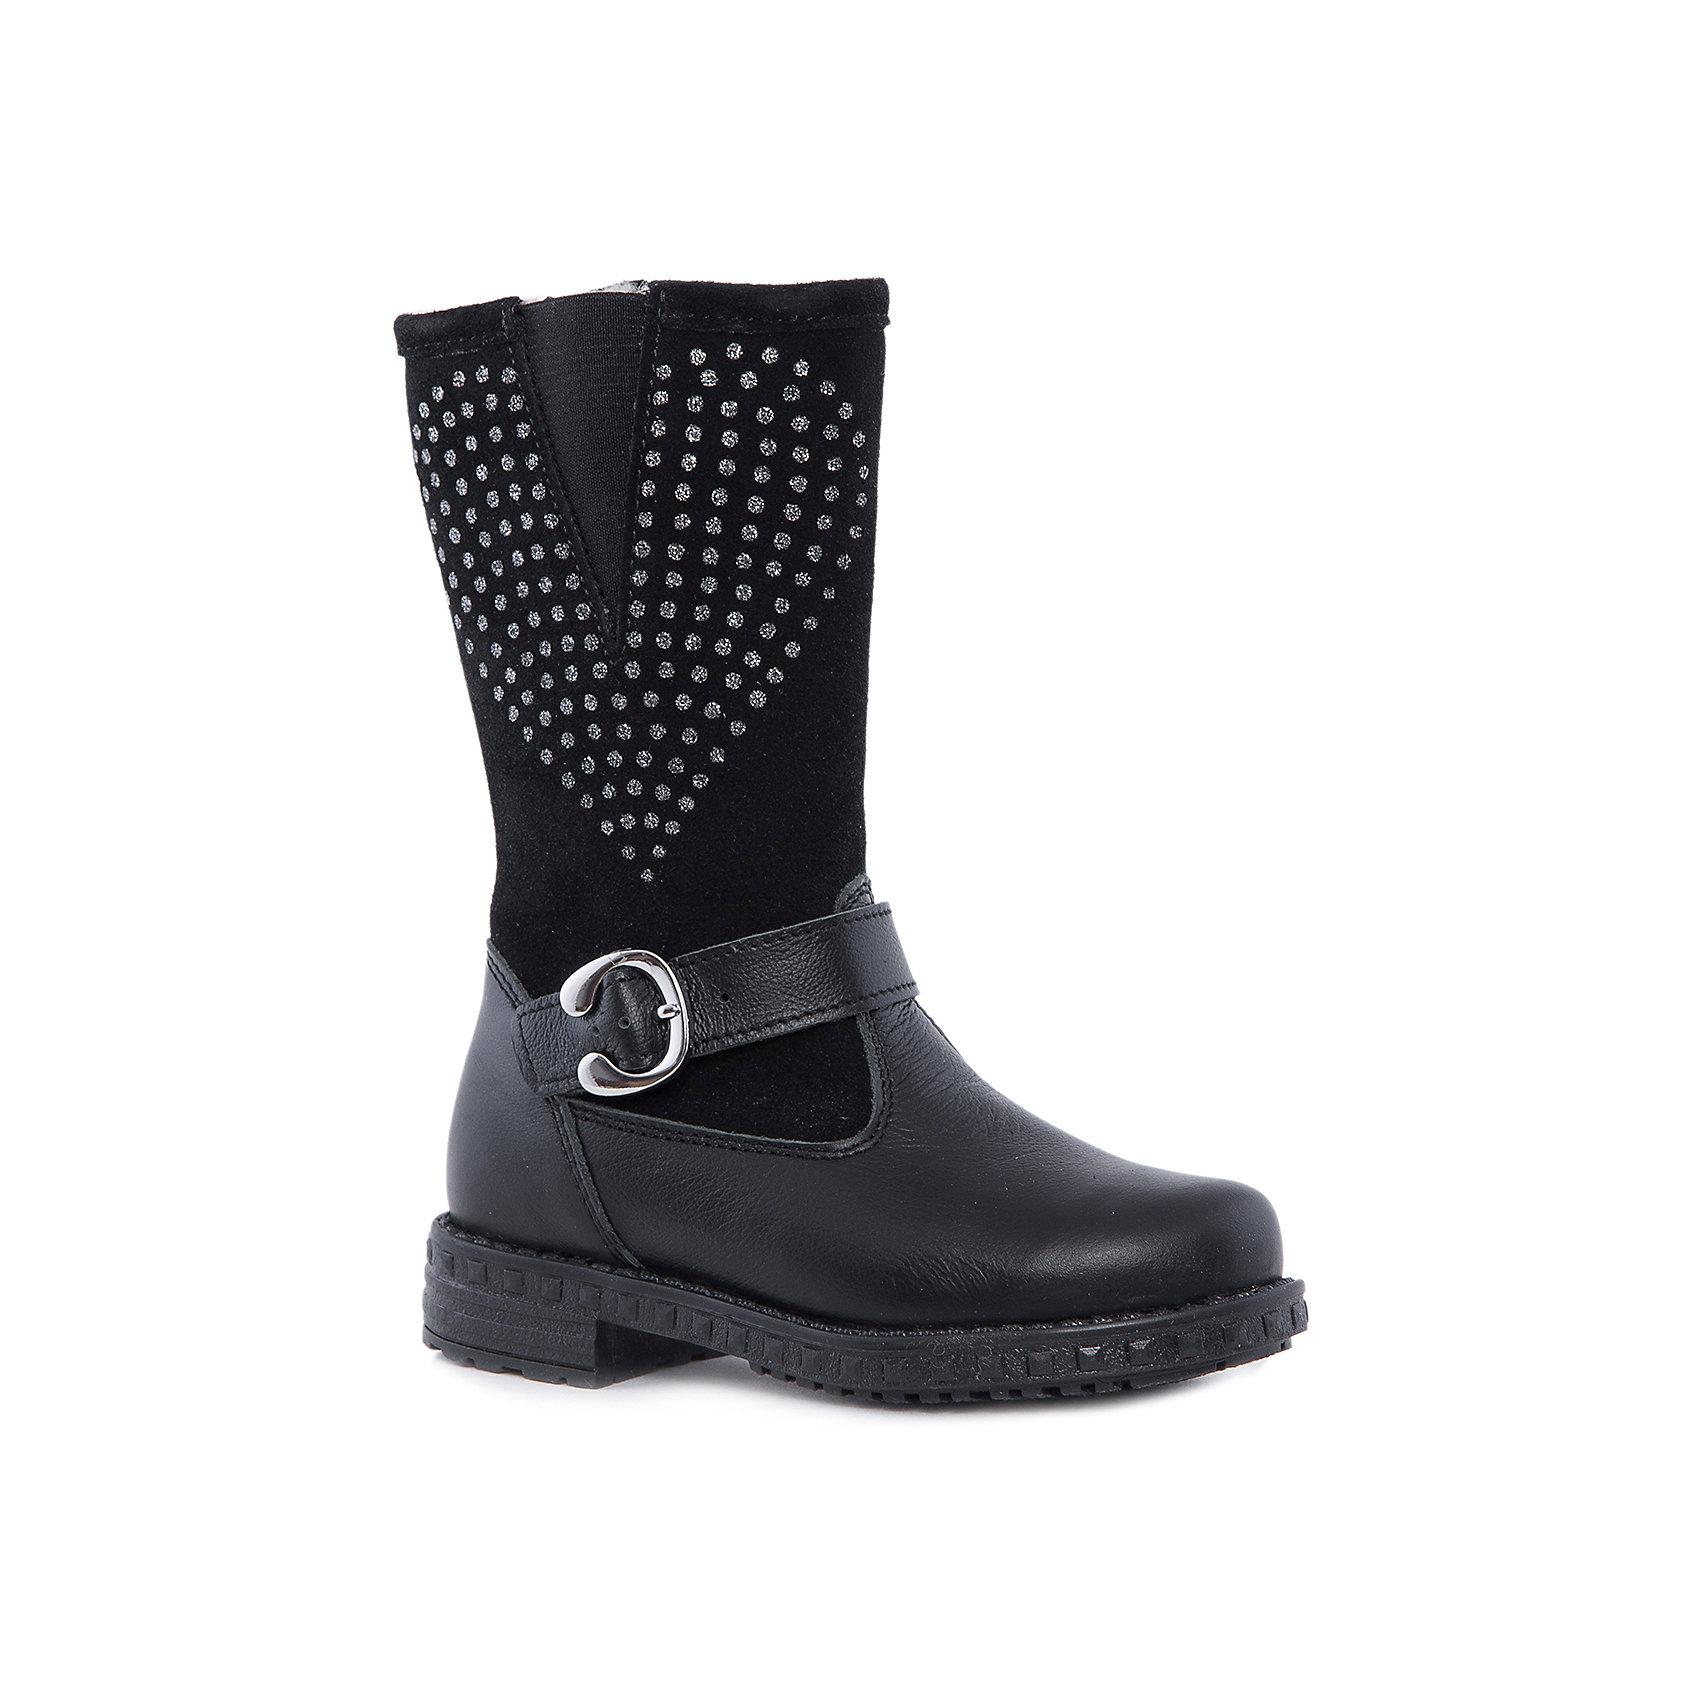 Сапоги для девочки КотофейКотофей – качественная и стильная детская обувь по доступным ценам. С каждым днем популярность бренда растет.  Выбор детской обуви – серьезное и ответственное занятие, так как от качества ботиночек зависит здоровье малыша. Кожа и замша – классическое сочетание стильной обуви. Оригинальности модели добавляют блестящая аппликация – сердечко и модная пряжка.  Универсальный пошив позволит создать множество образов для малышки.<br>Дополнительная информация:<br><br>цвет: чёрный;<br>вид крепления: на клею;<br>застежка: молния;<br>температурный режим: от 0°С до +15° С.<br><br>Состав:<br>материал верха – натуральная кожа;<br>подкладка – байковый материл;<br>подошва – ТЭП.<br><br>Осенние сапожки из натуральных материалов для девочки дошкольного возраста от фирмы Котофей можно приобрести у нас в магазине.<br><br>Ширина мм: 257<br>Глубина мм: 180<br>Высота мм: 130<br>Вес г: 420<br>Цвет: черный<br>Возраст от месяцев: 36<br>Возраст до месяцев: 48<br>Пол: Женский<br>Возраст: Детский<br>Размер: 27,31,30,29,28<br>SKU: 4982208